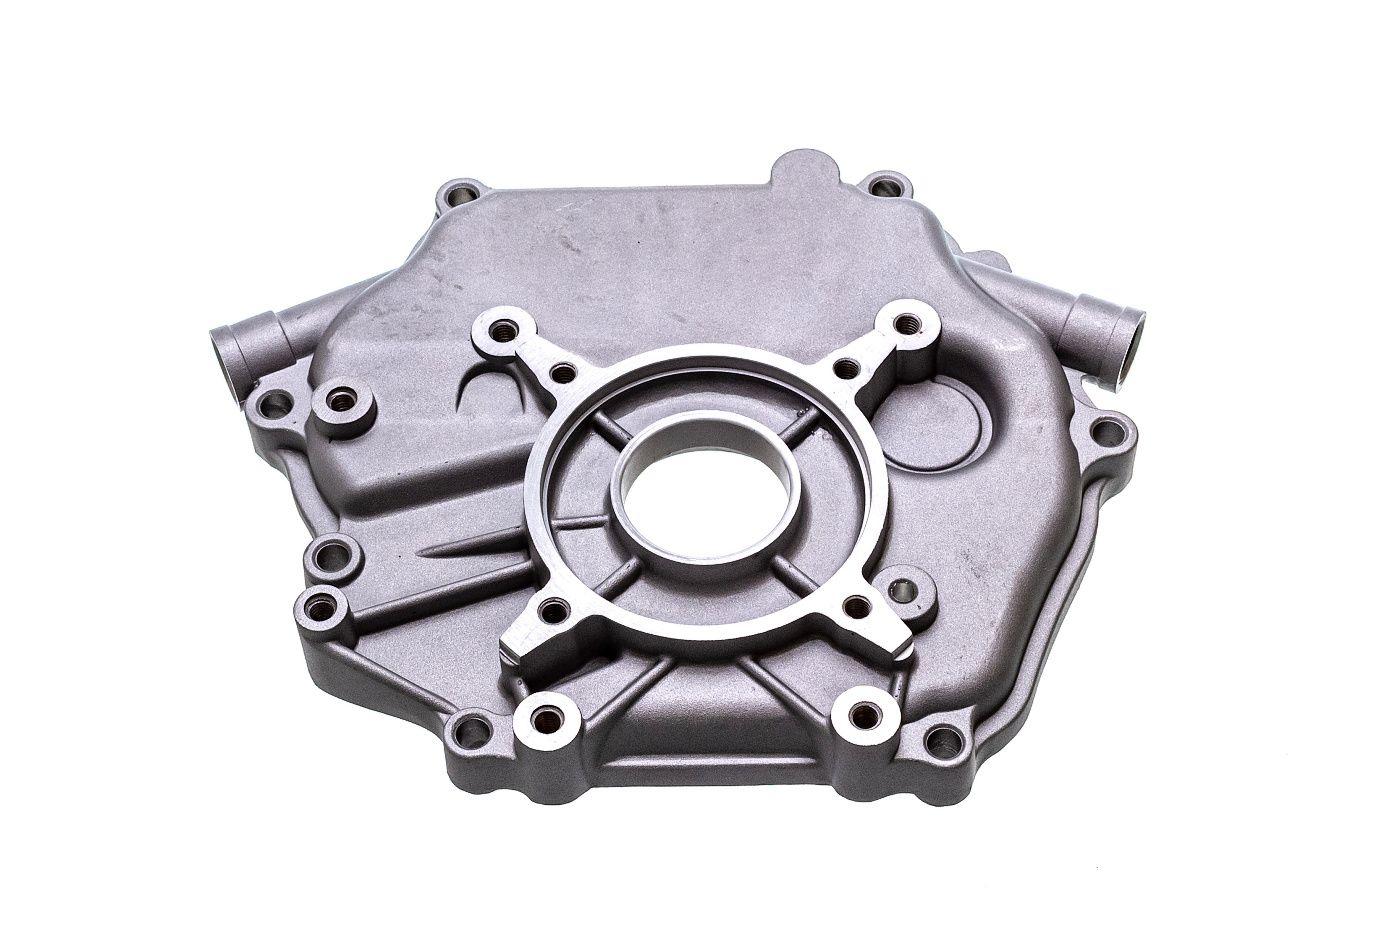 Kryt boční HONDA GX240 GX270 Zongshen 177F - 100003004